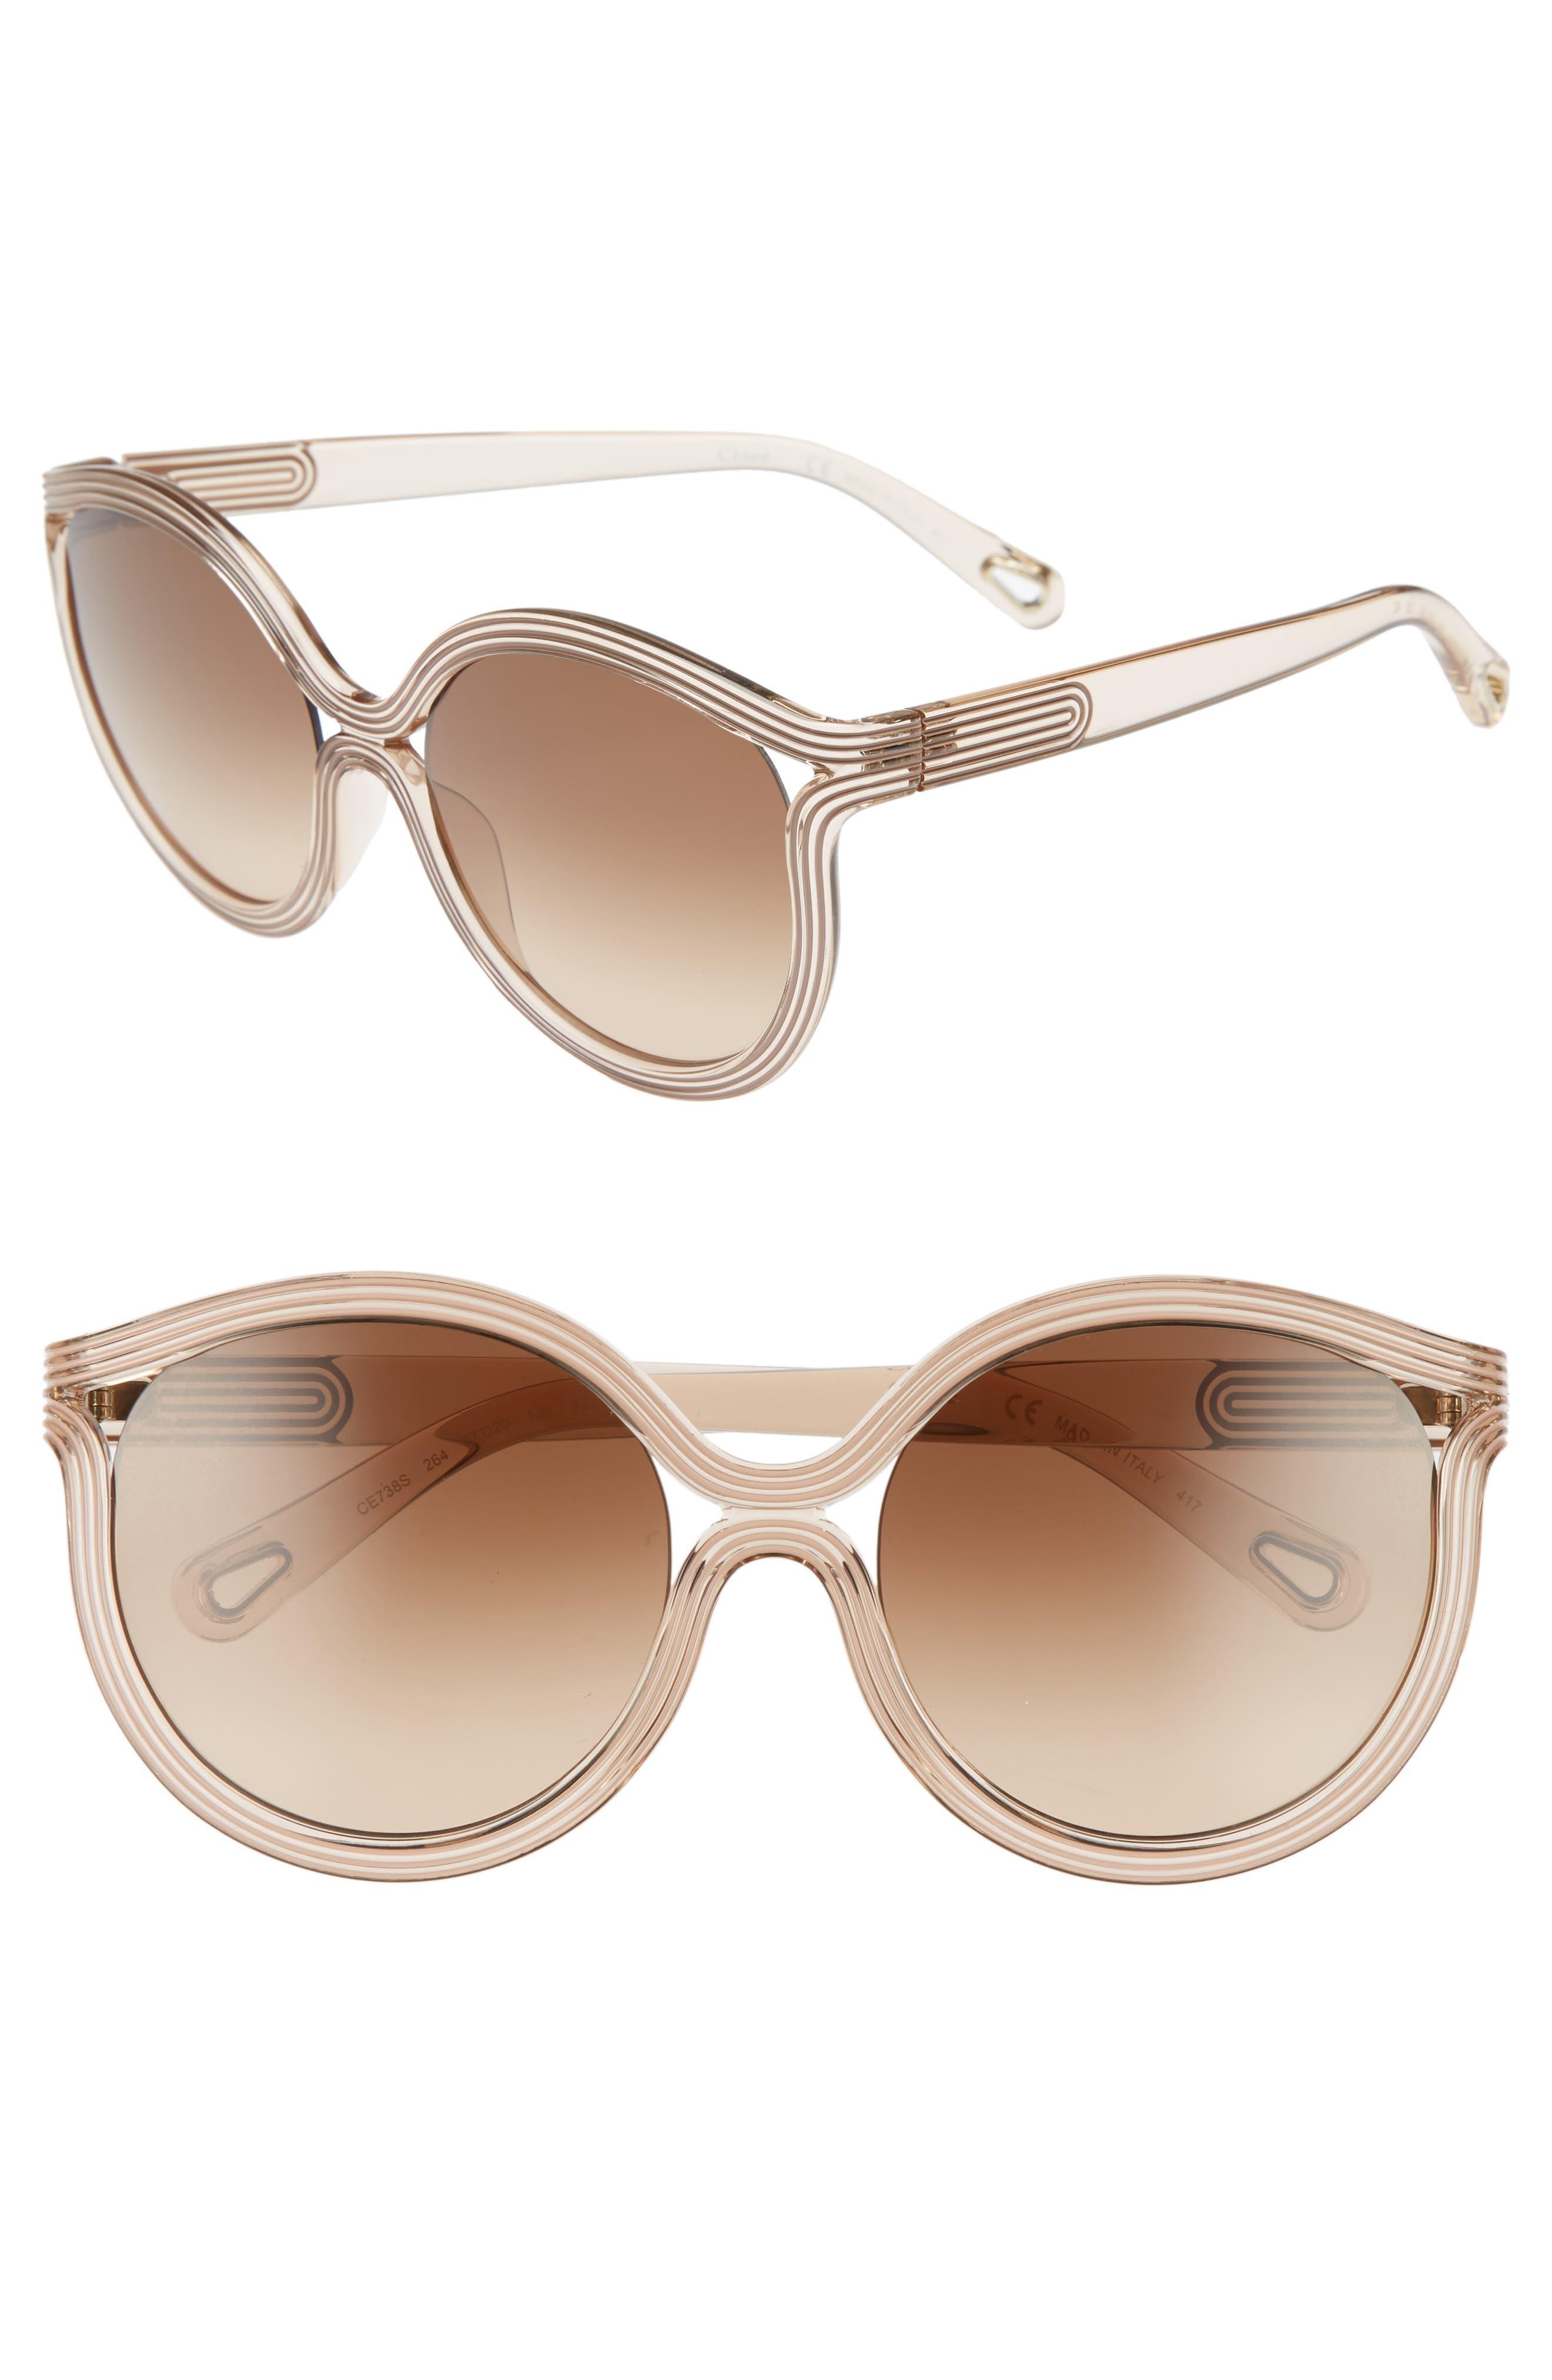 Alternate Image 1 Selected - Chloé Grooves 57mm Cat Eye Sunglasses